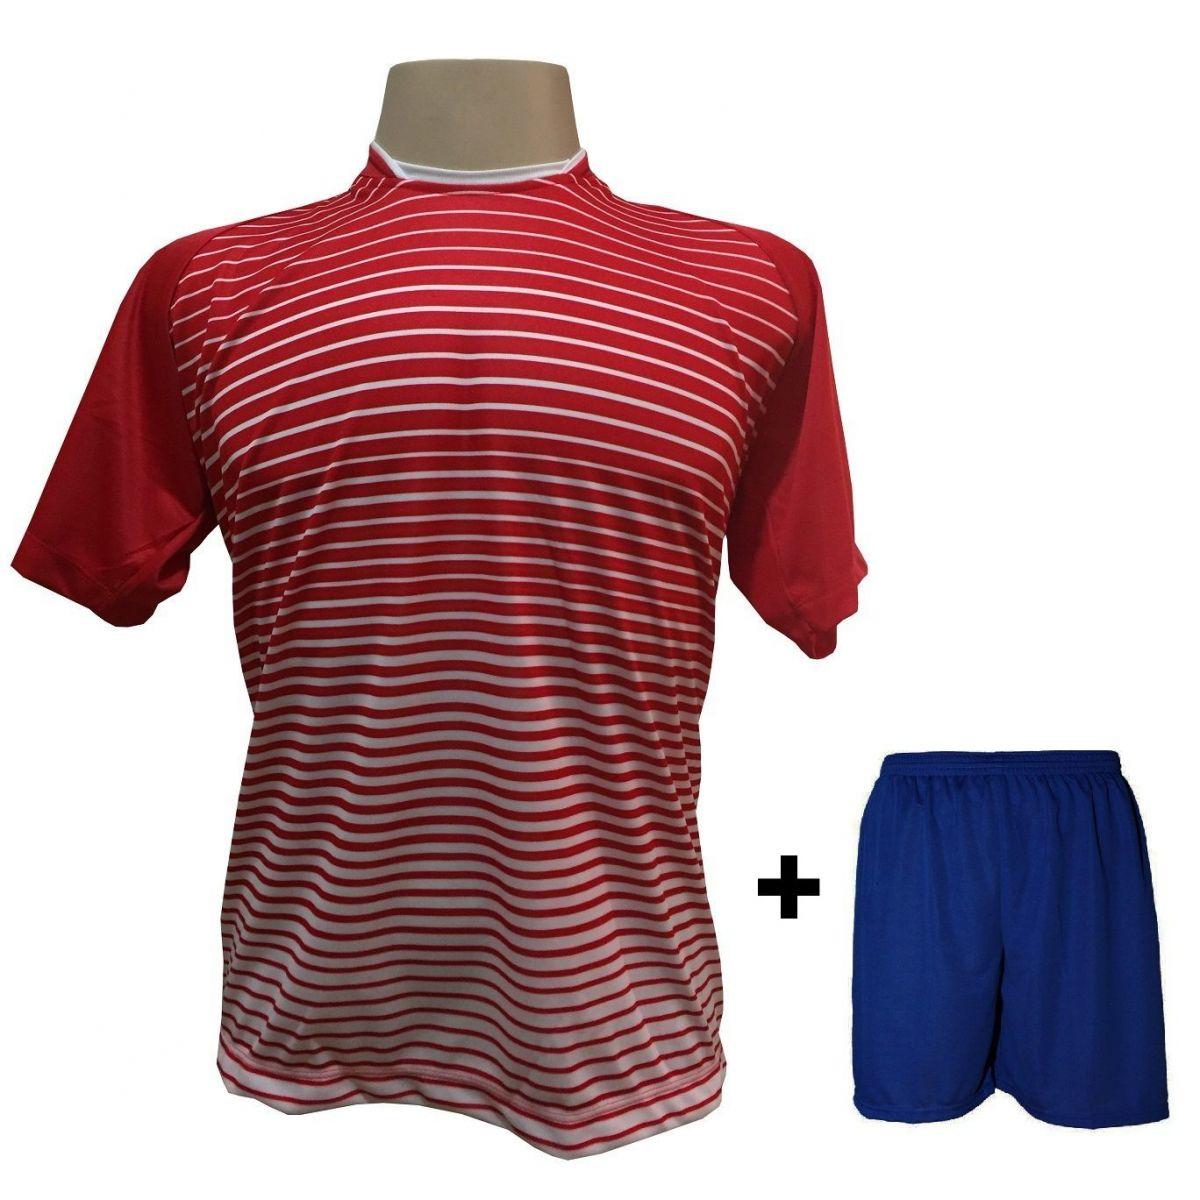 92838889af900 Uniforme Esportivo com 12 Camisas modelo City Vermelho Branco + 12 Calções  modelo Madrid Royal ...